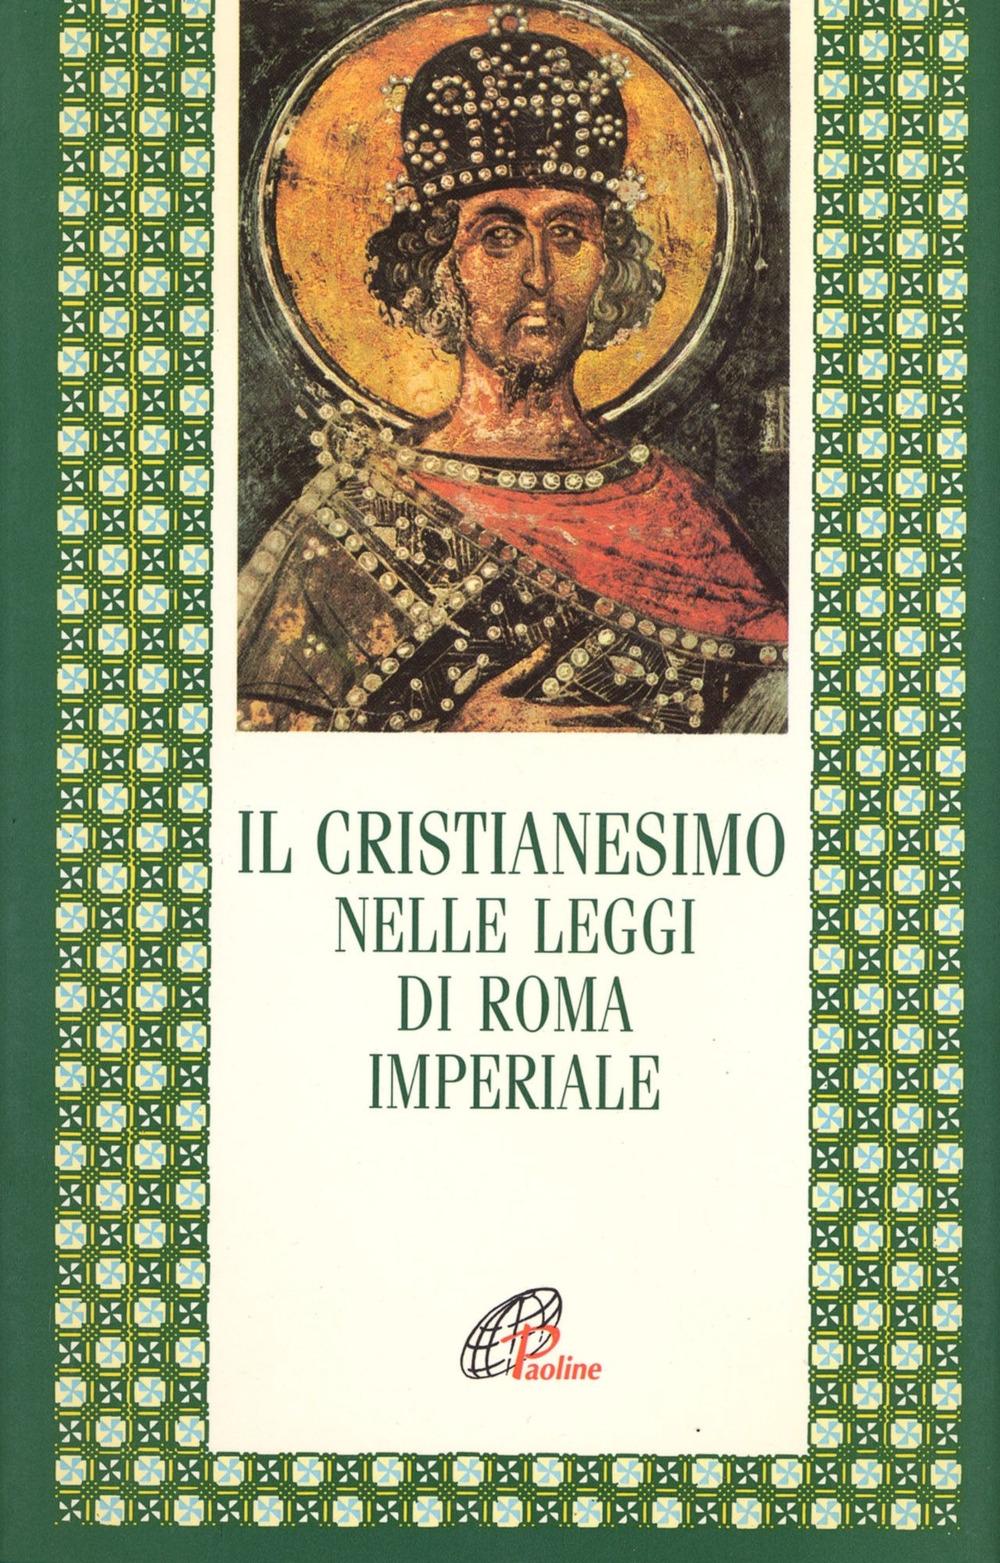 Il cristianesimo nelle leggi di Roma imperiale.